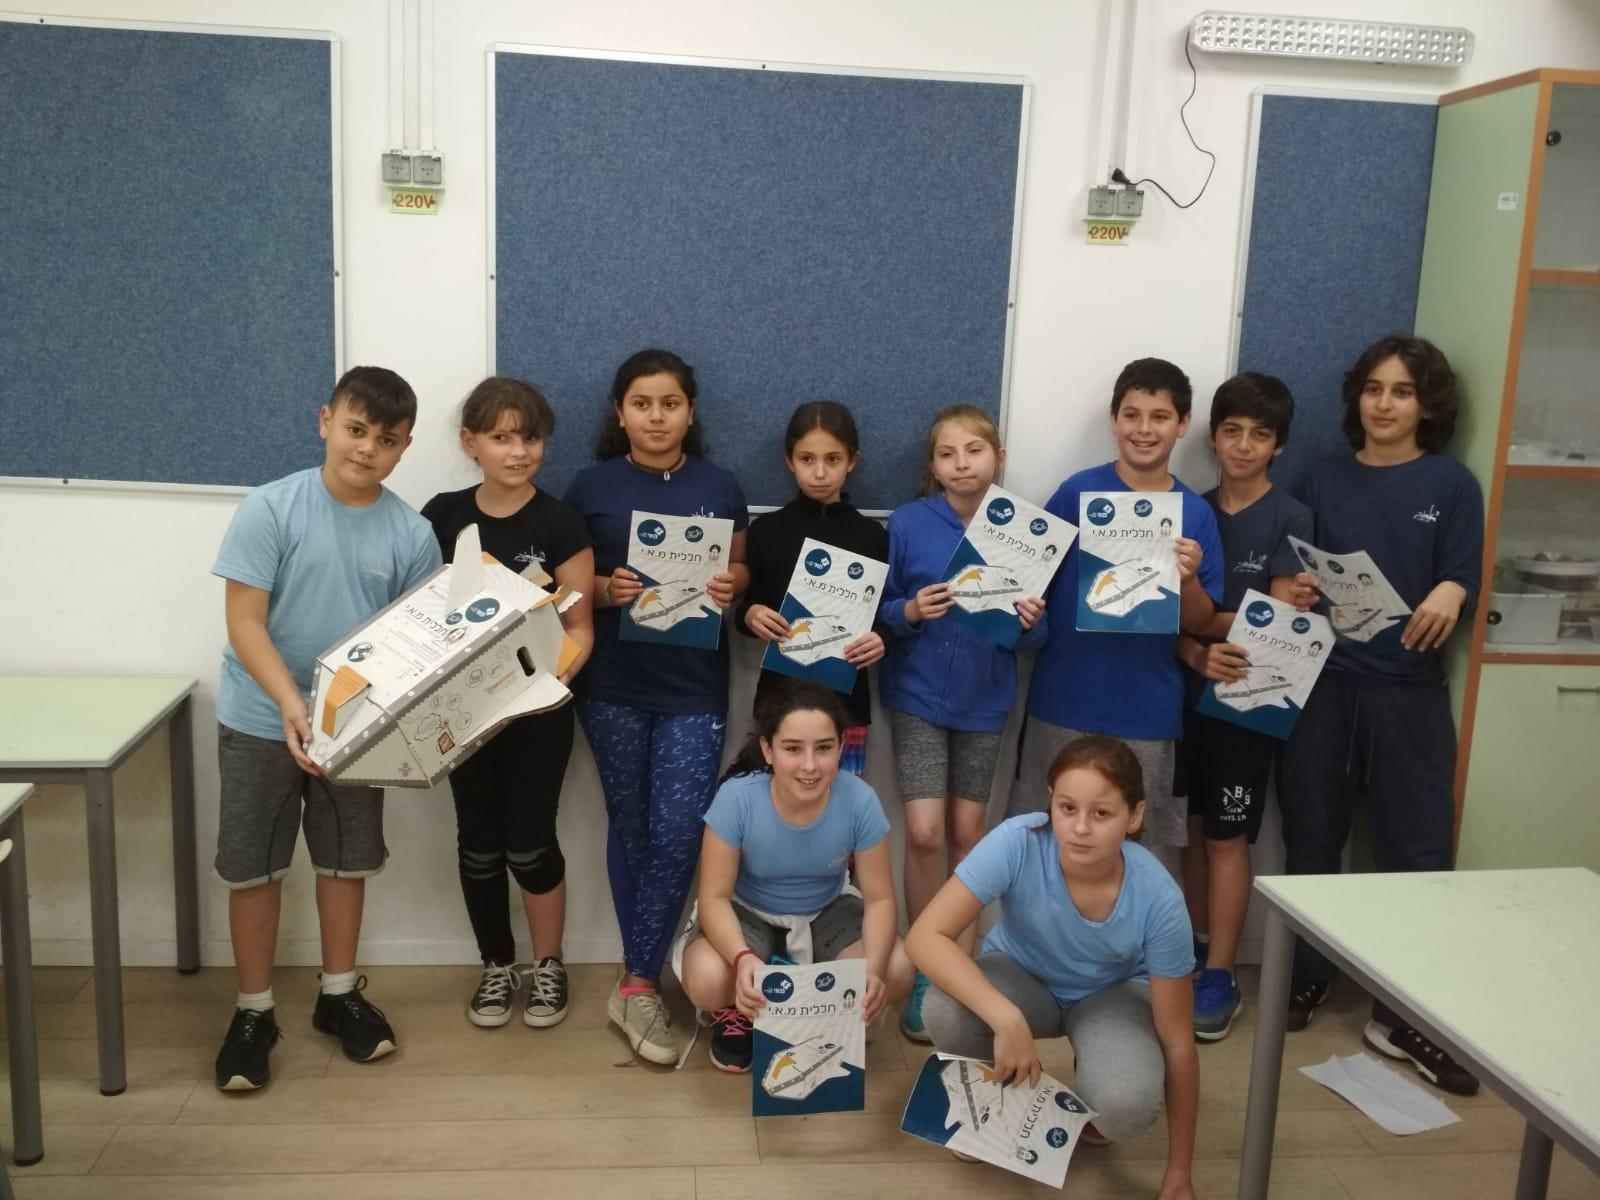 תלמידי מנהיגות ירוקה בית ספר אביב